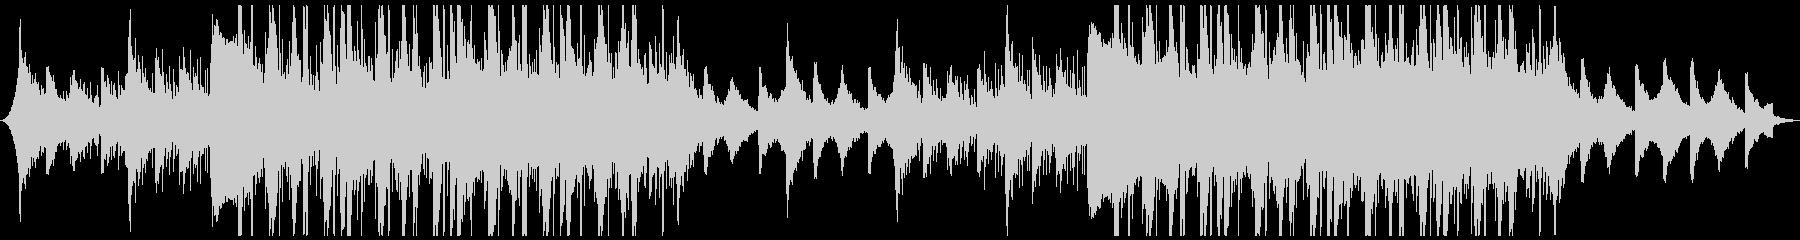 ハイテク企業音楽の未再生の波形